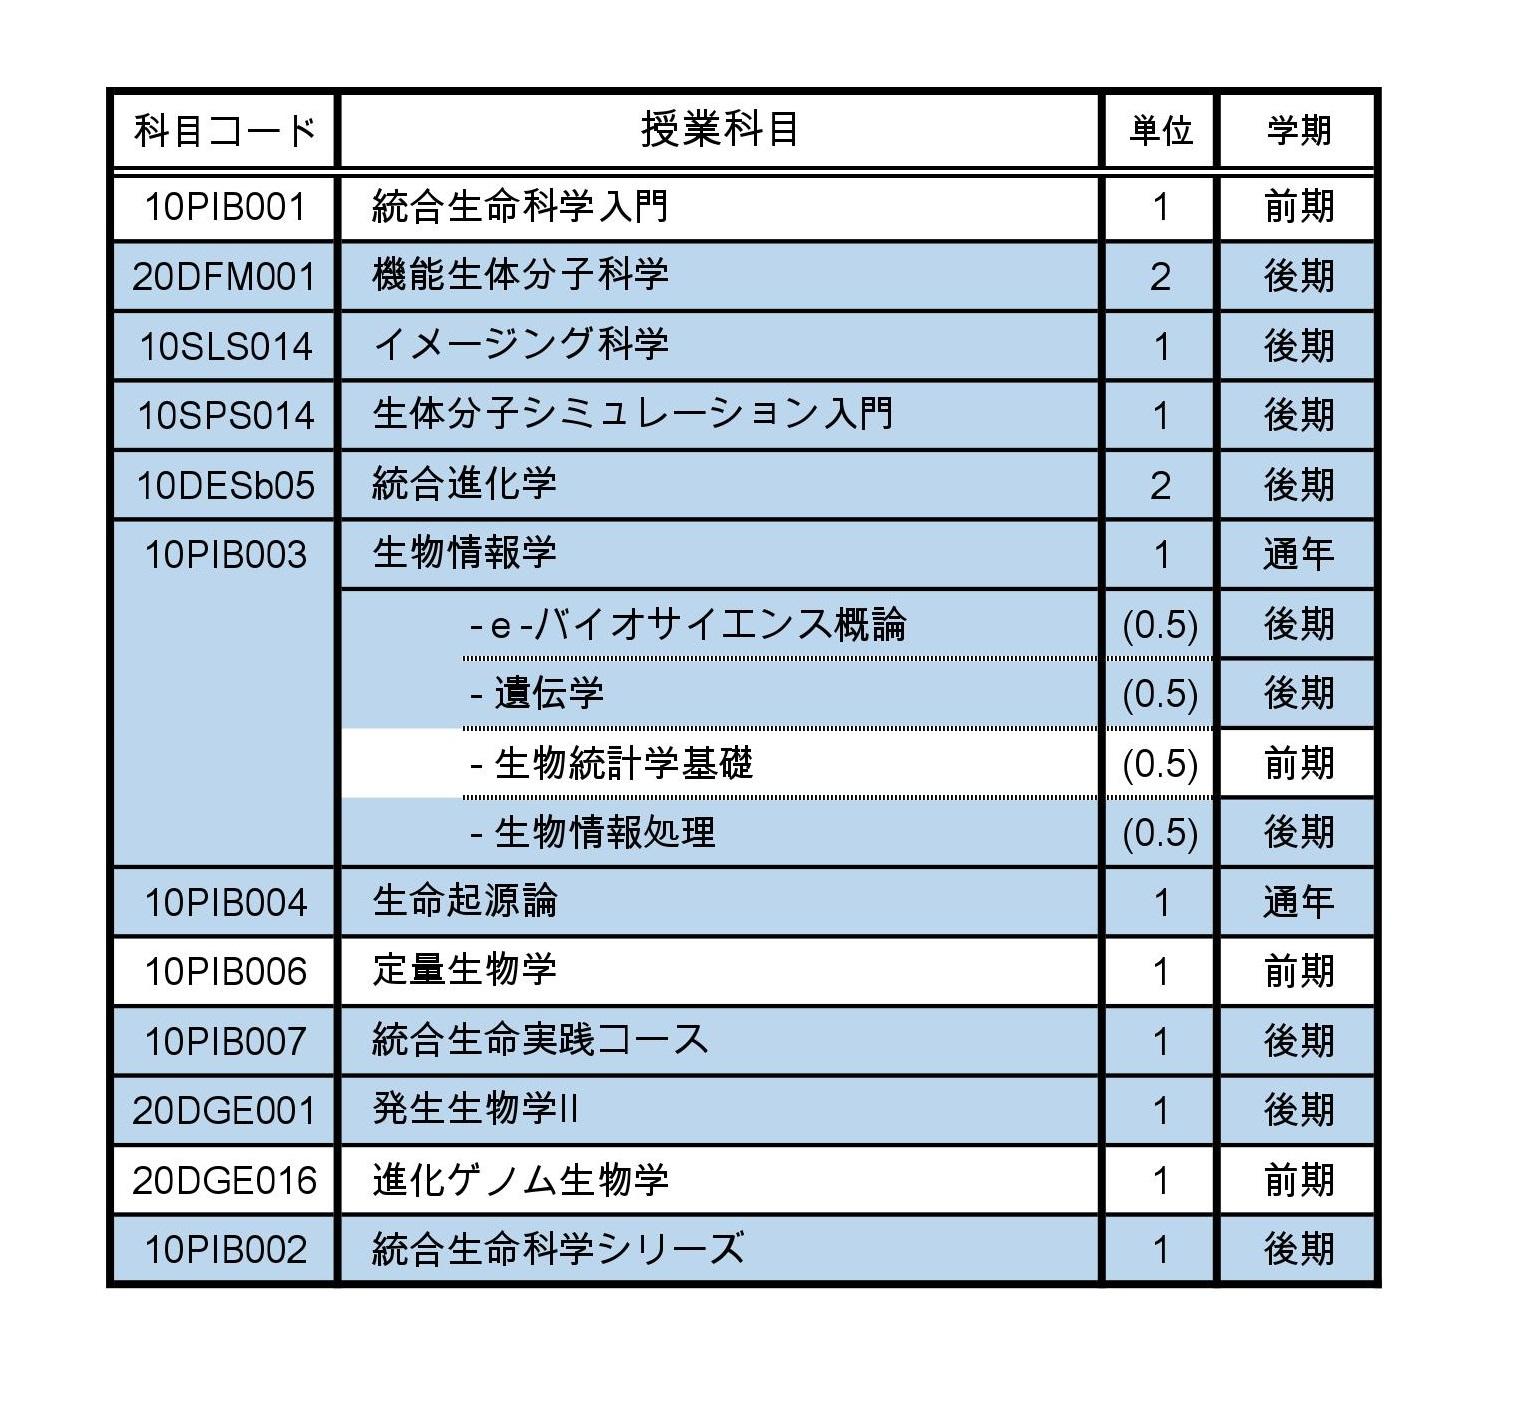 2016_2.jpg